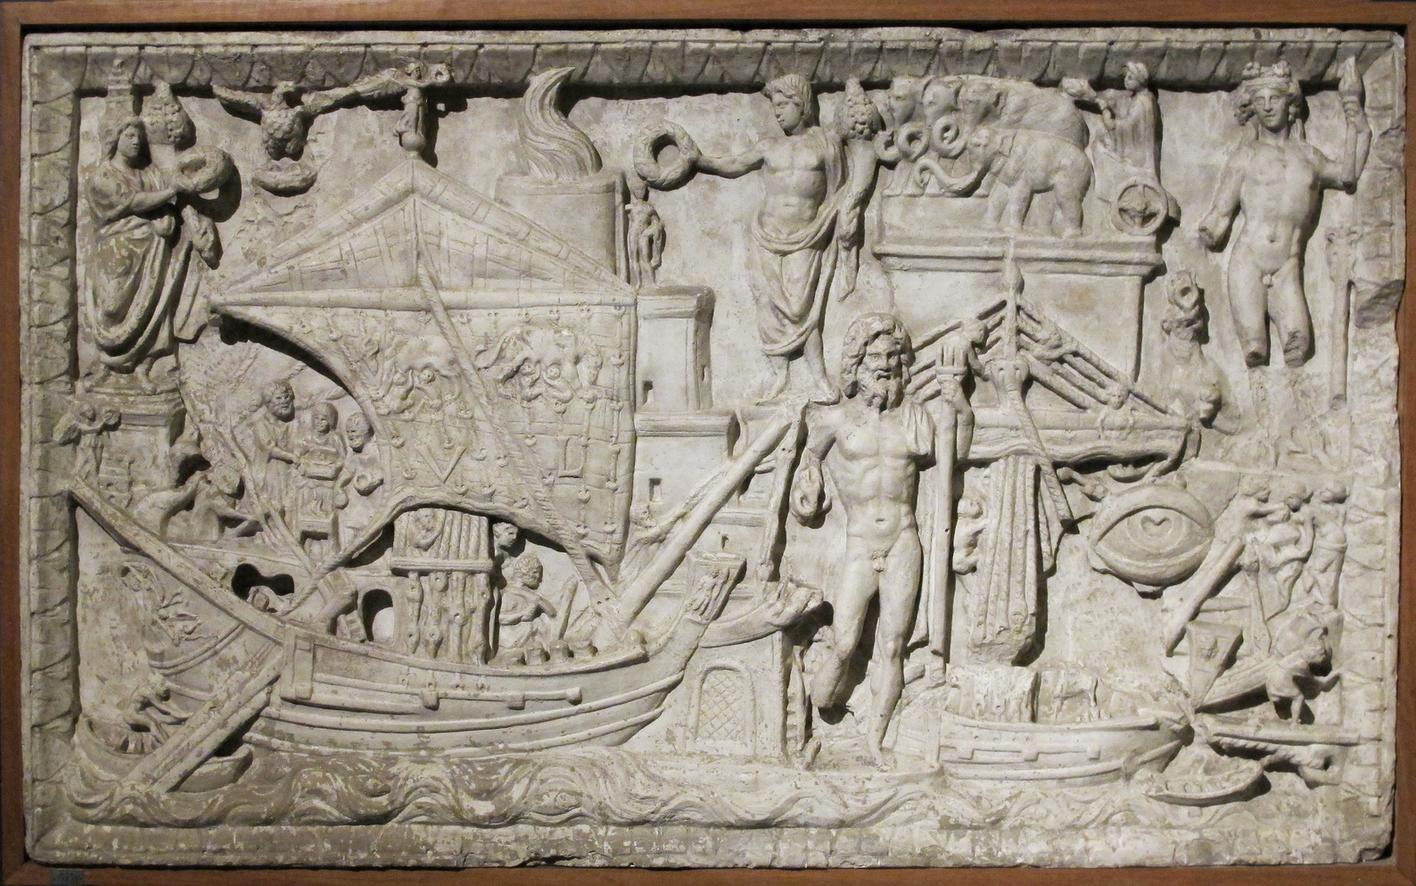 Иллюстрация к статье: Как морское страхование способствовало процветанию Древнего Рима